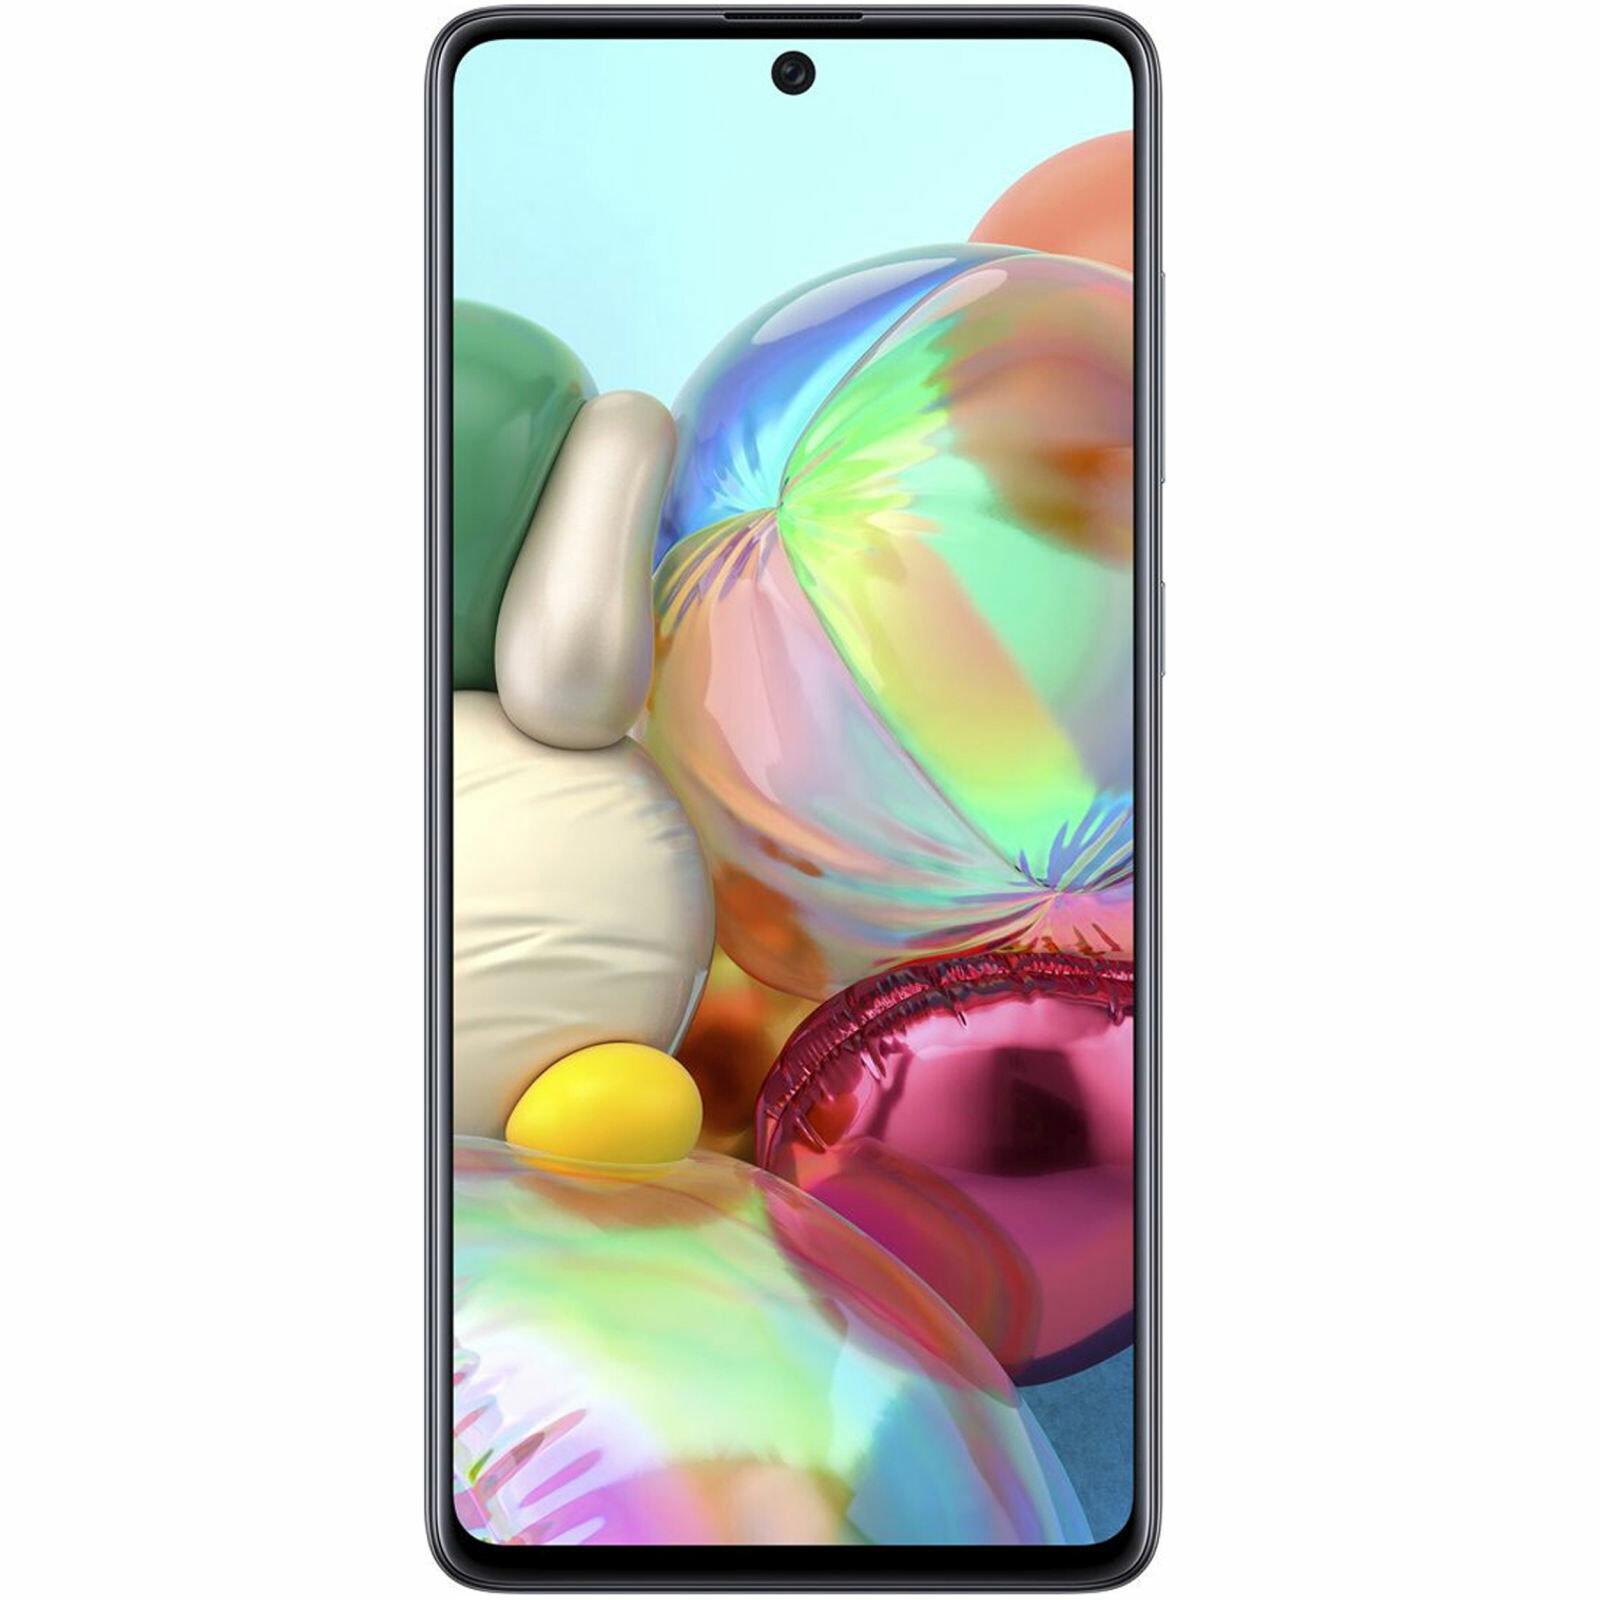 موبایل سامسونگ مدل A71 حافظه 128 گیگابایت رم 6 گیگابایت